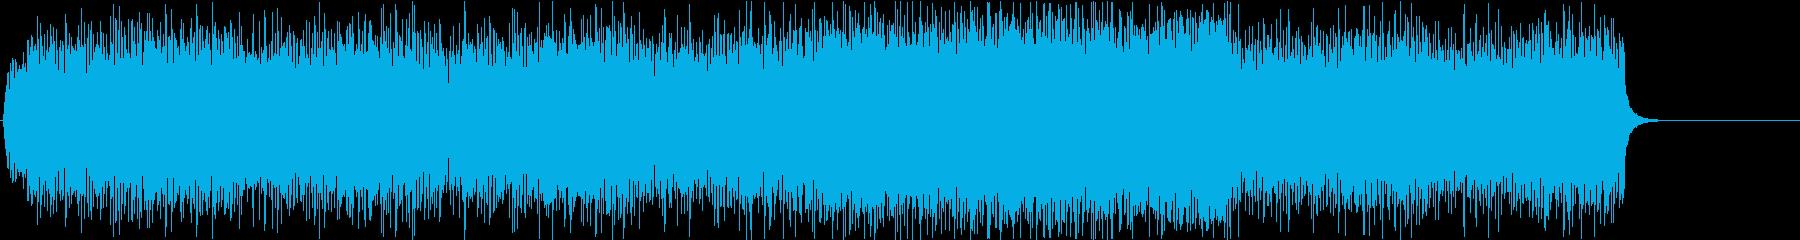 エレキギター炸裂のメタルリフ/戦闘シーンの再生済みの波形